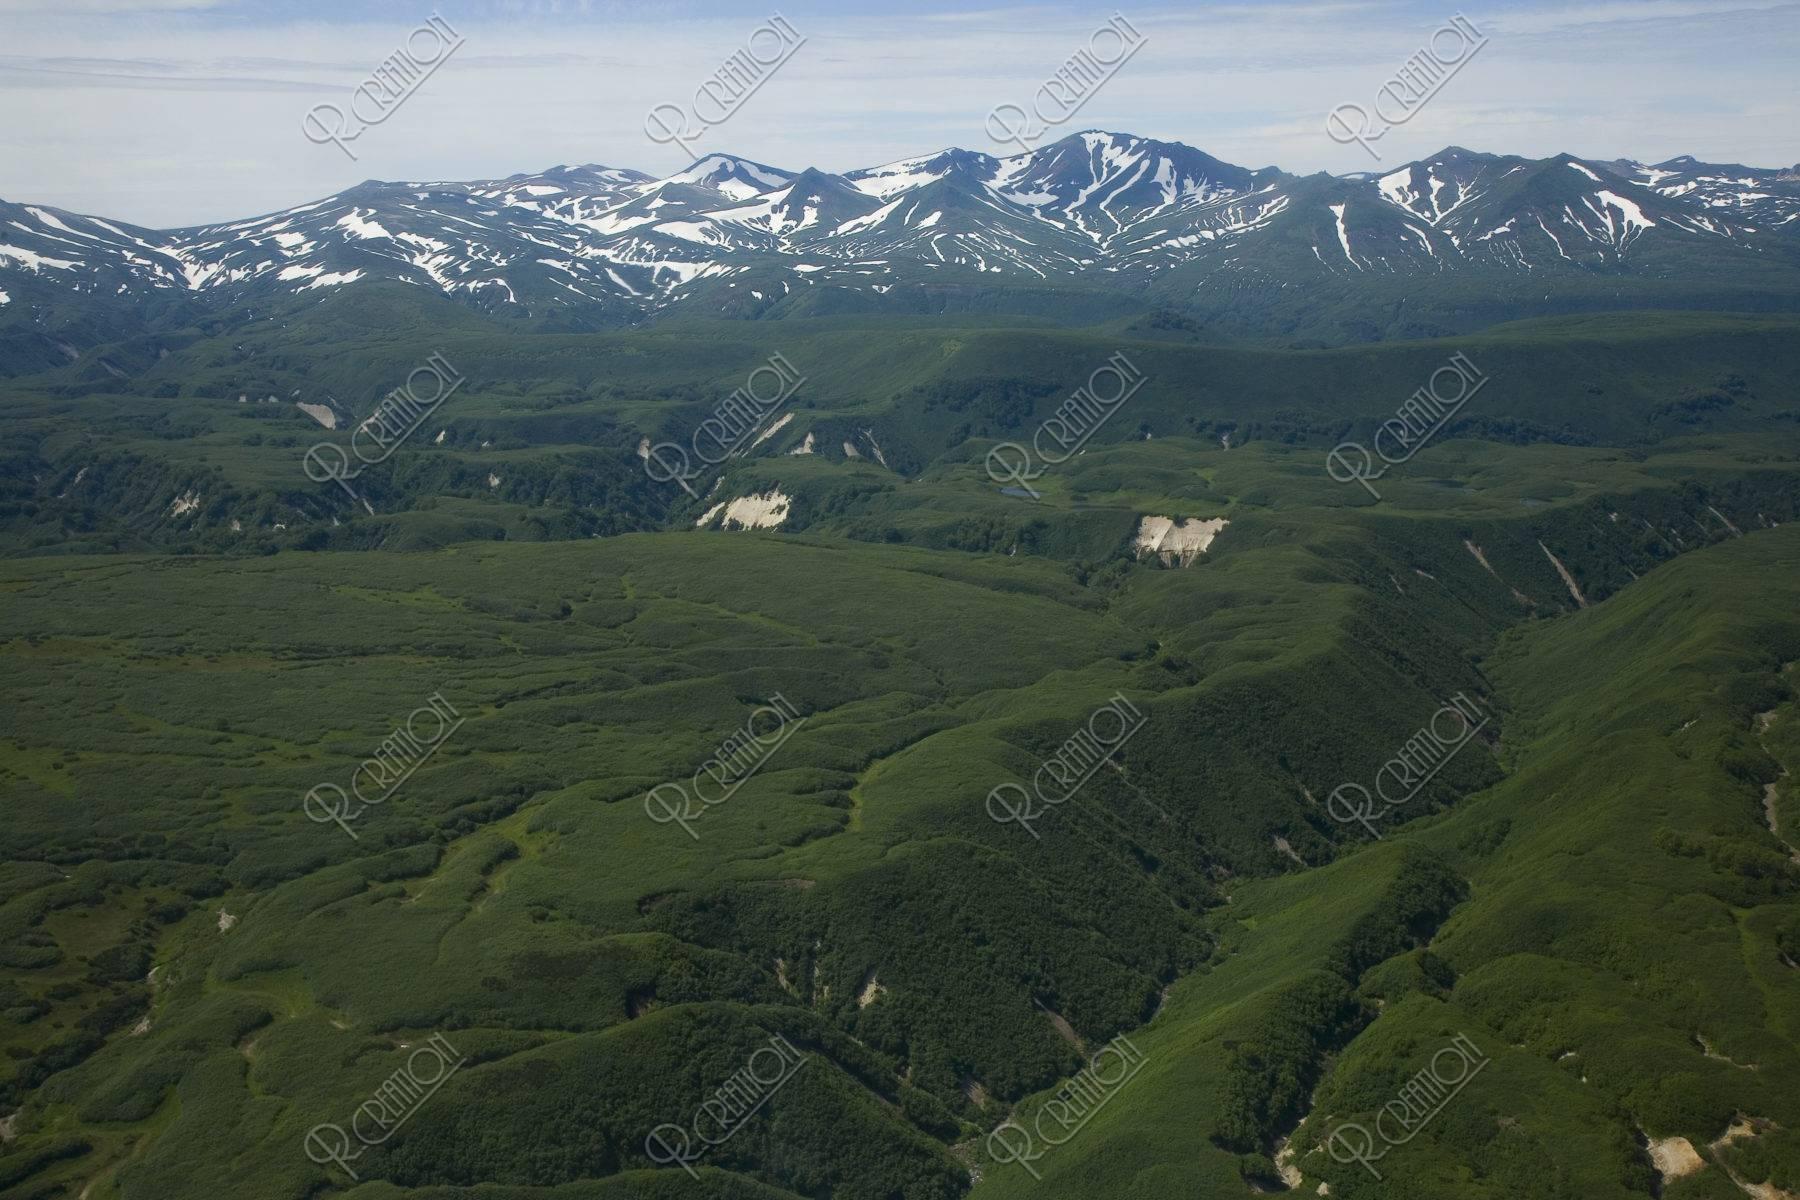 火山群と原生林